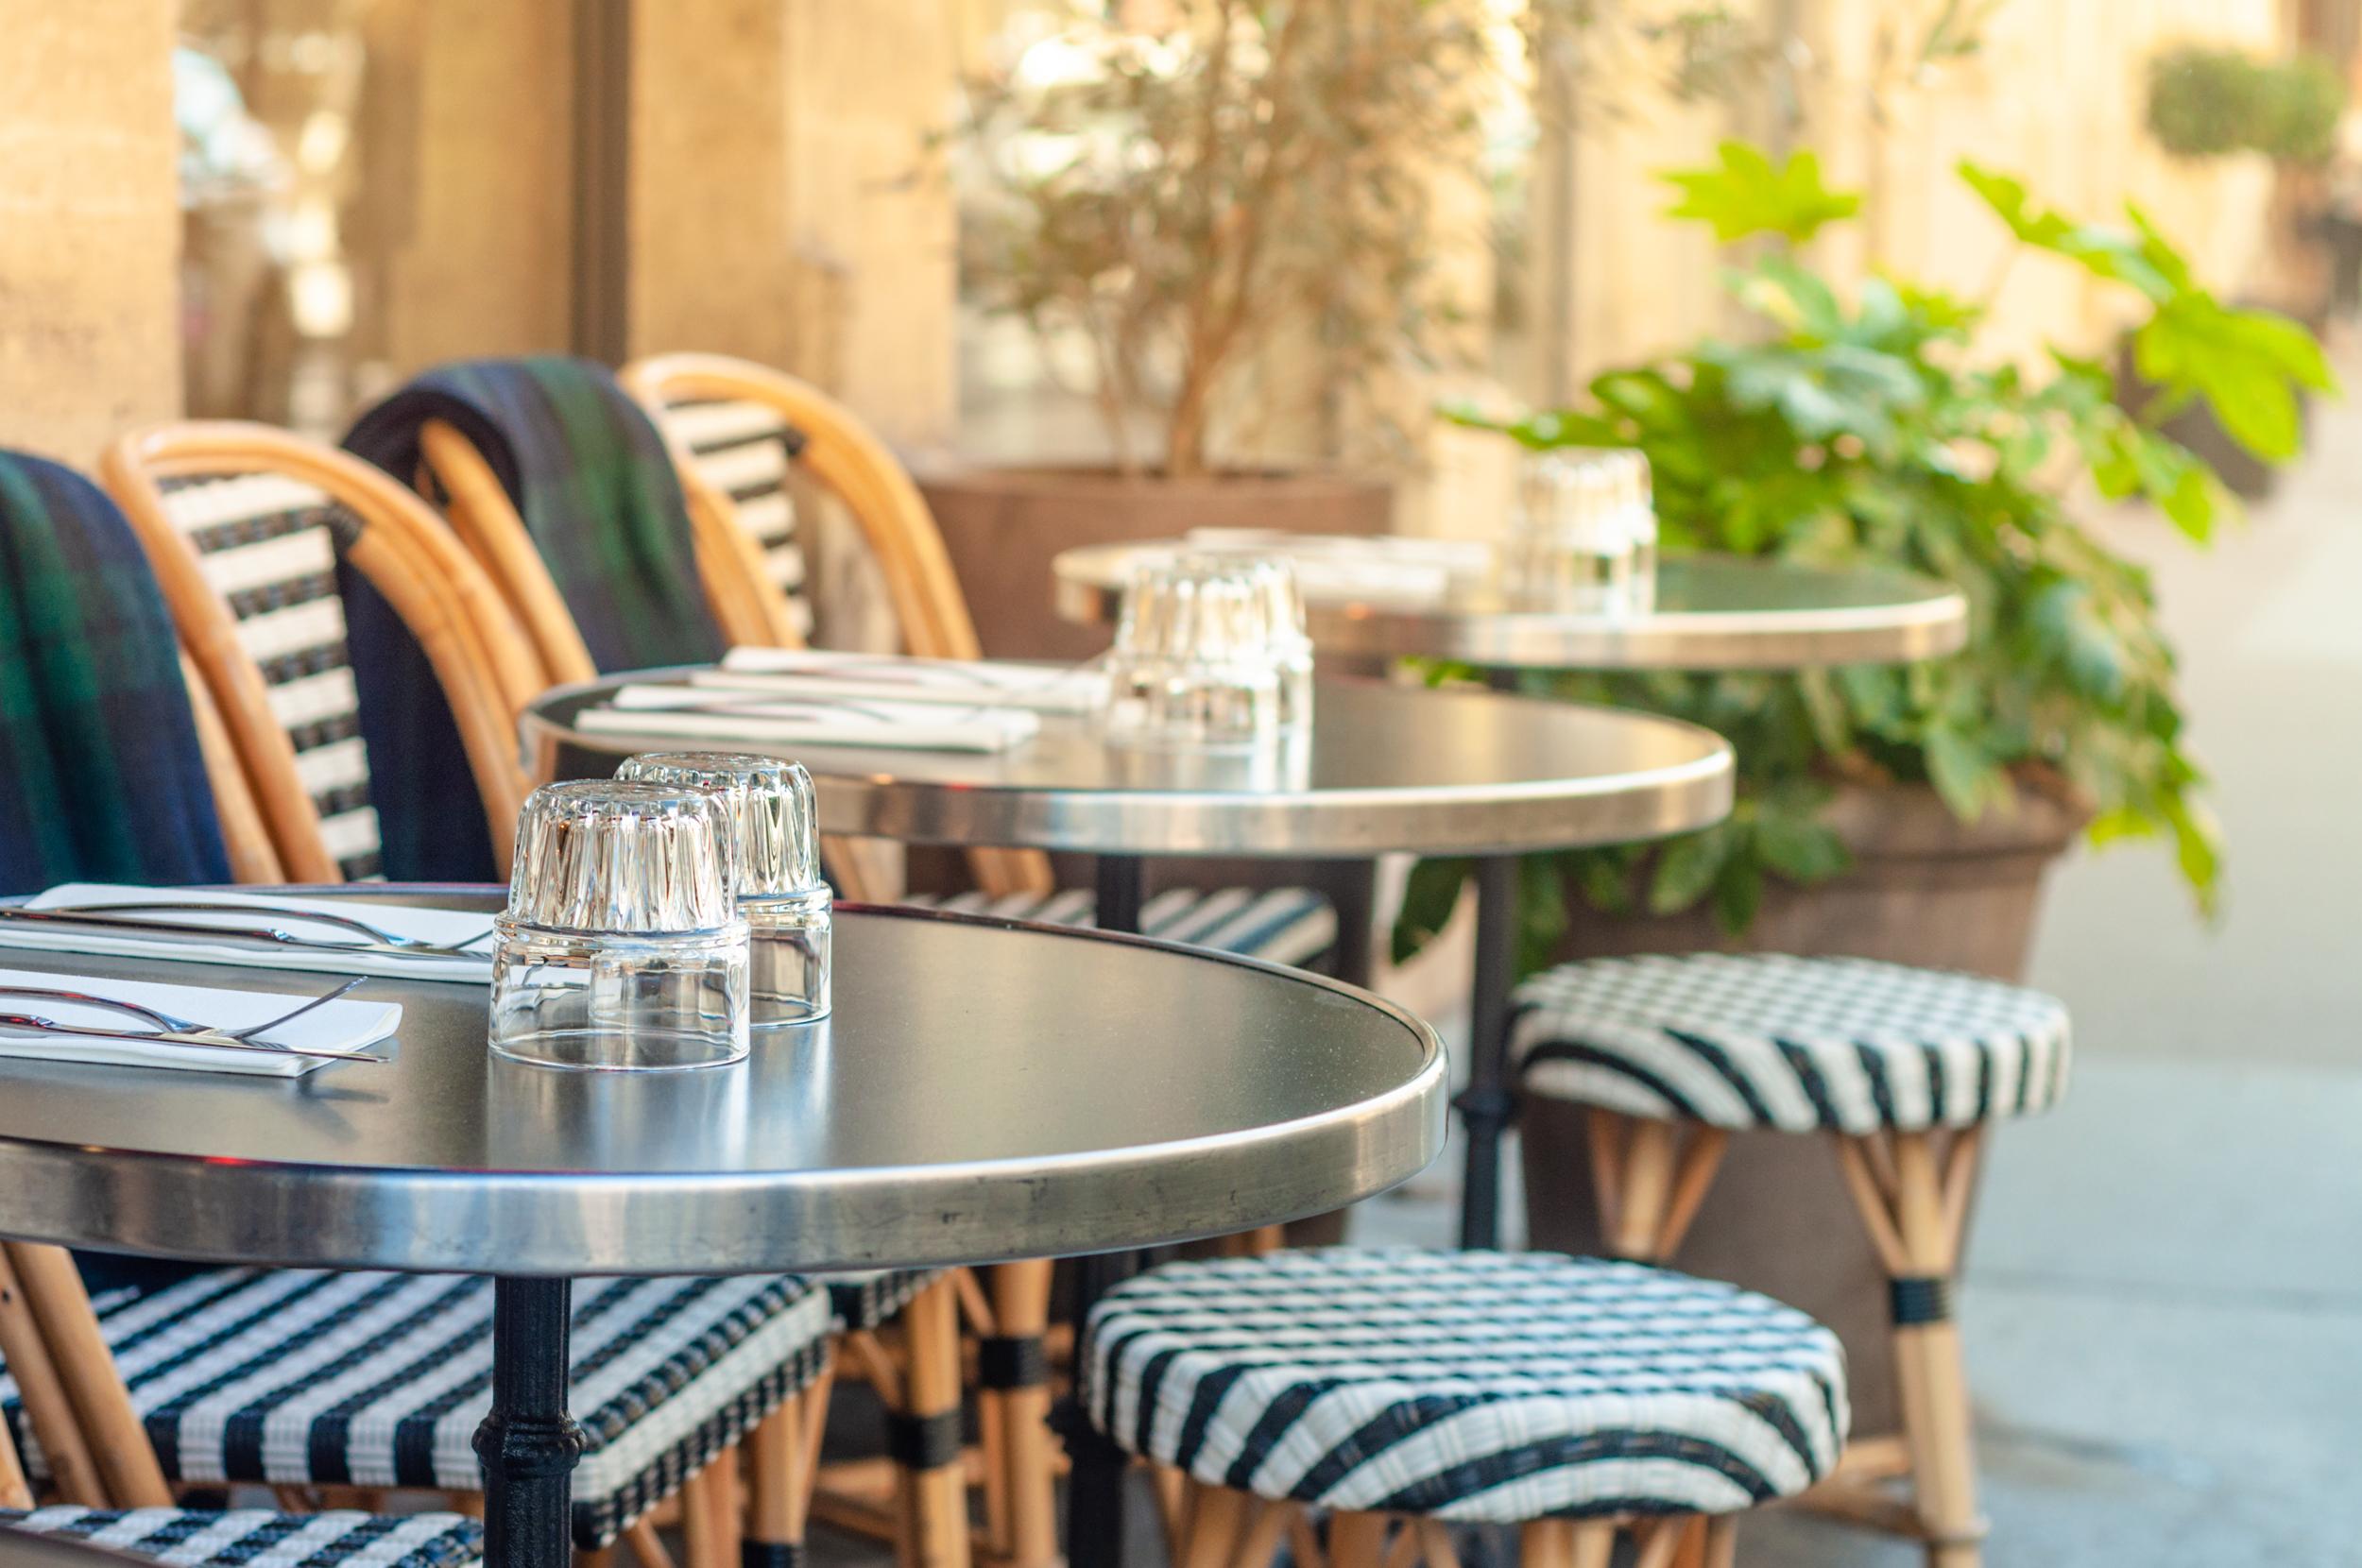 batignolles lesbatignolles paris paris17 covid19 réouverture terrasse restaurant café bar sortir où sortir où quartier